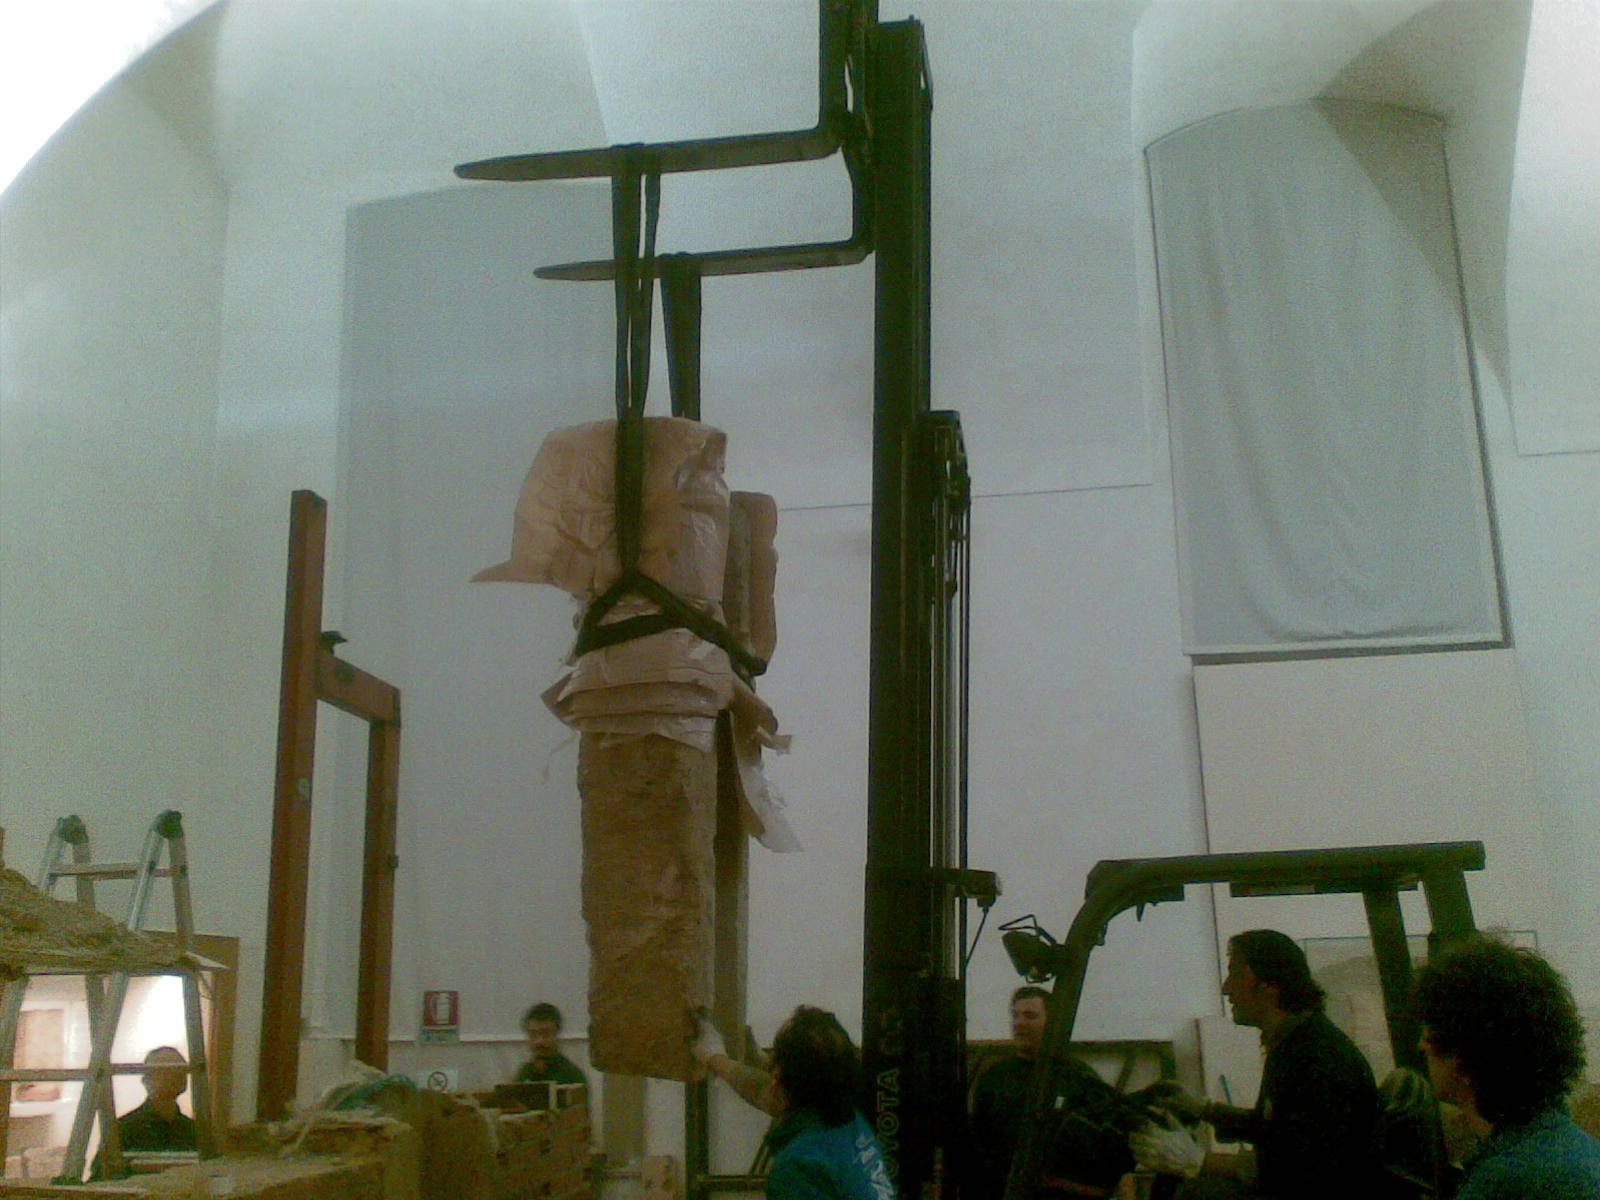 Egizio 2010 eppur si muove